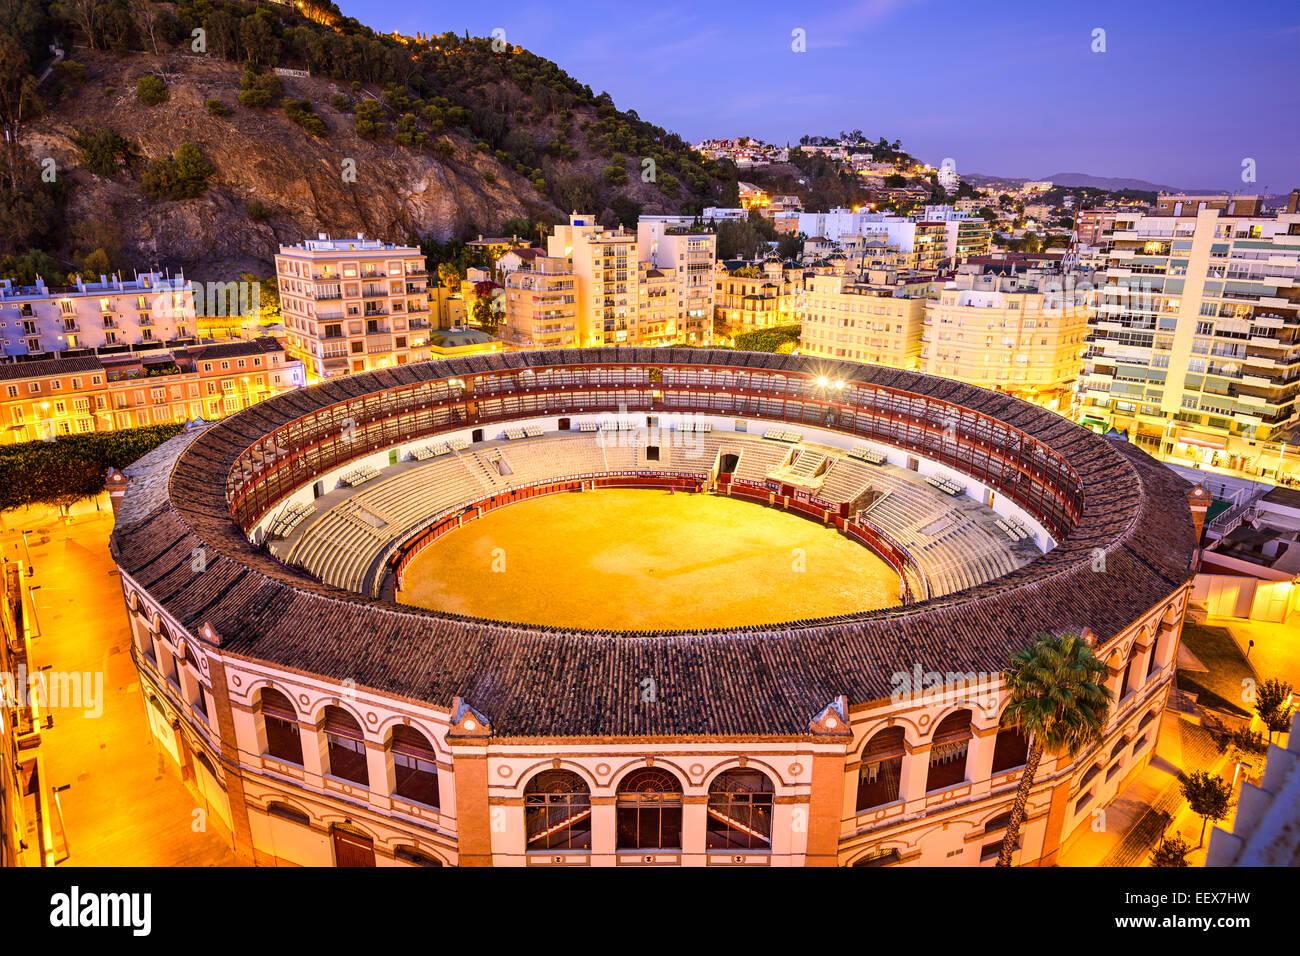 Málaga ciudad a través de la plaza de toros. Imagen De Stock